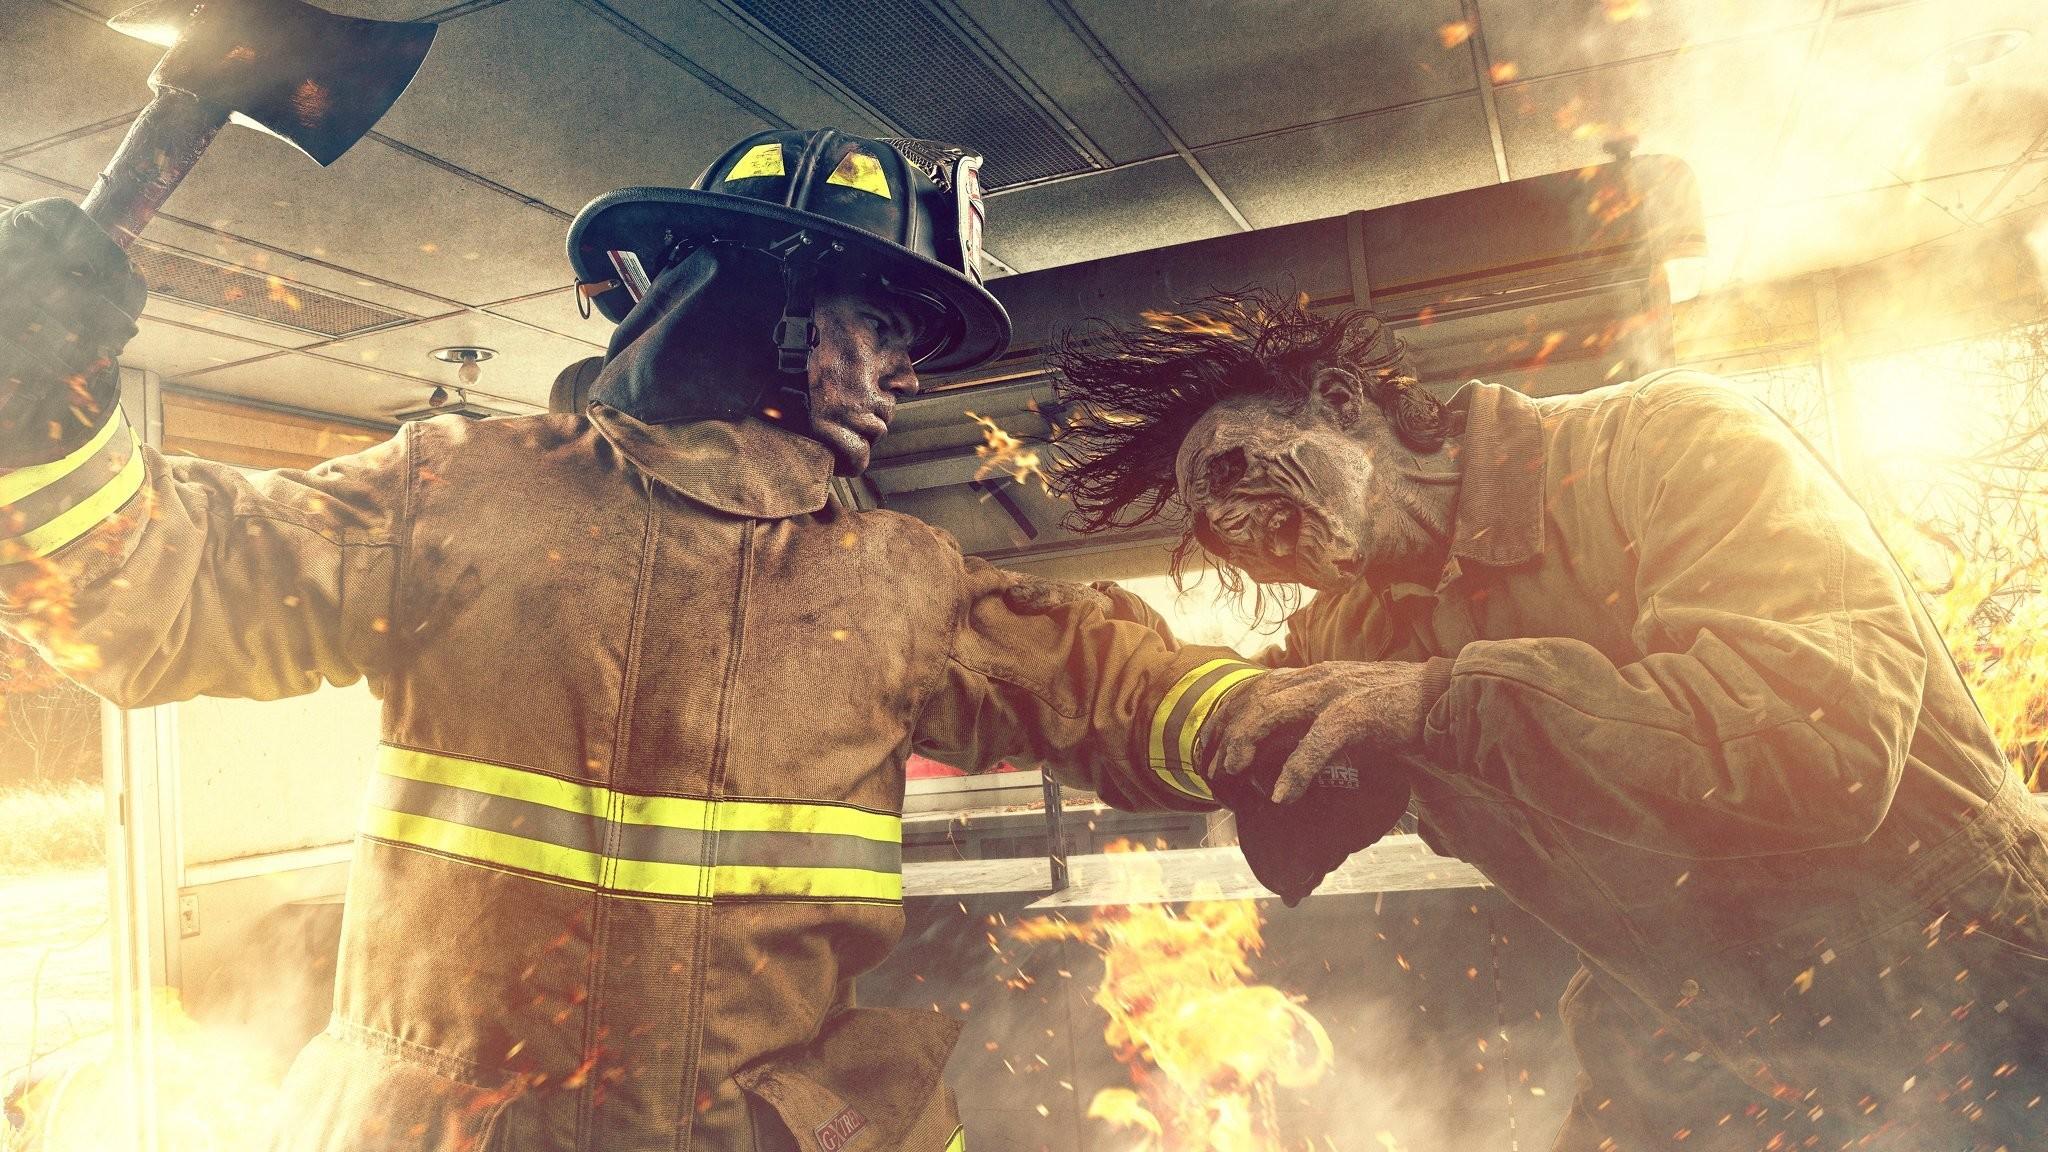 … zombie vs firefighter fire fire quest hd wallpaper …